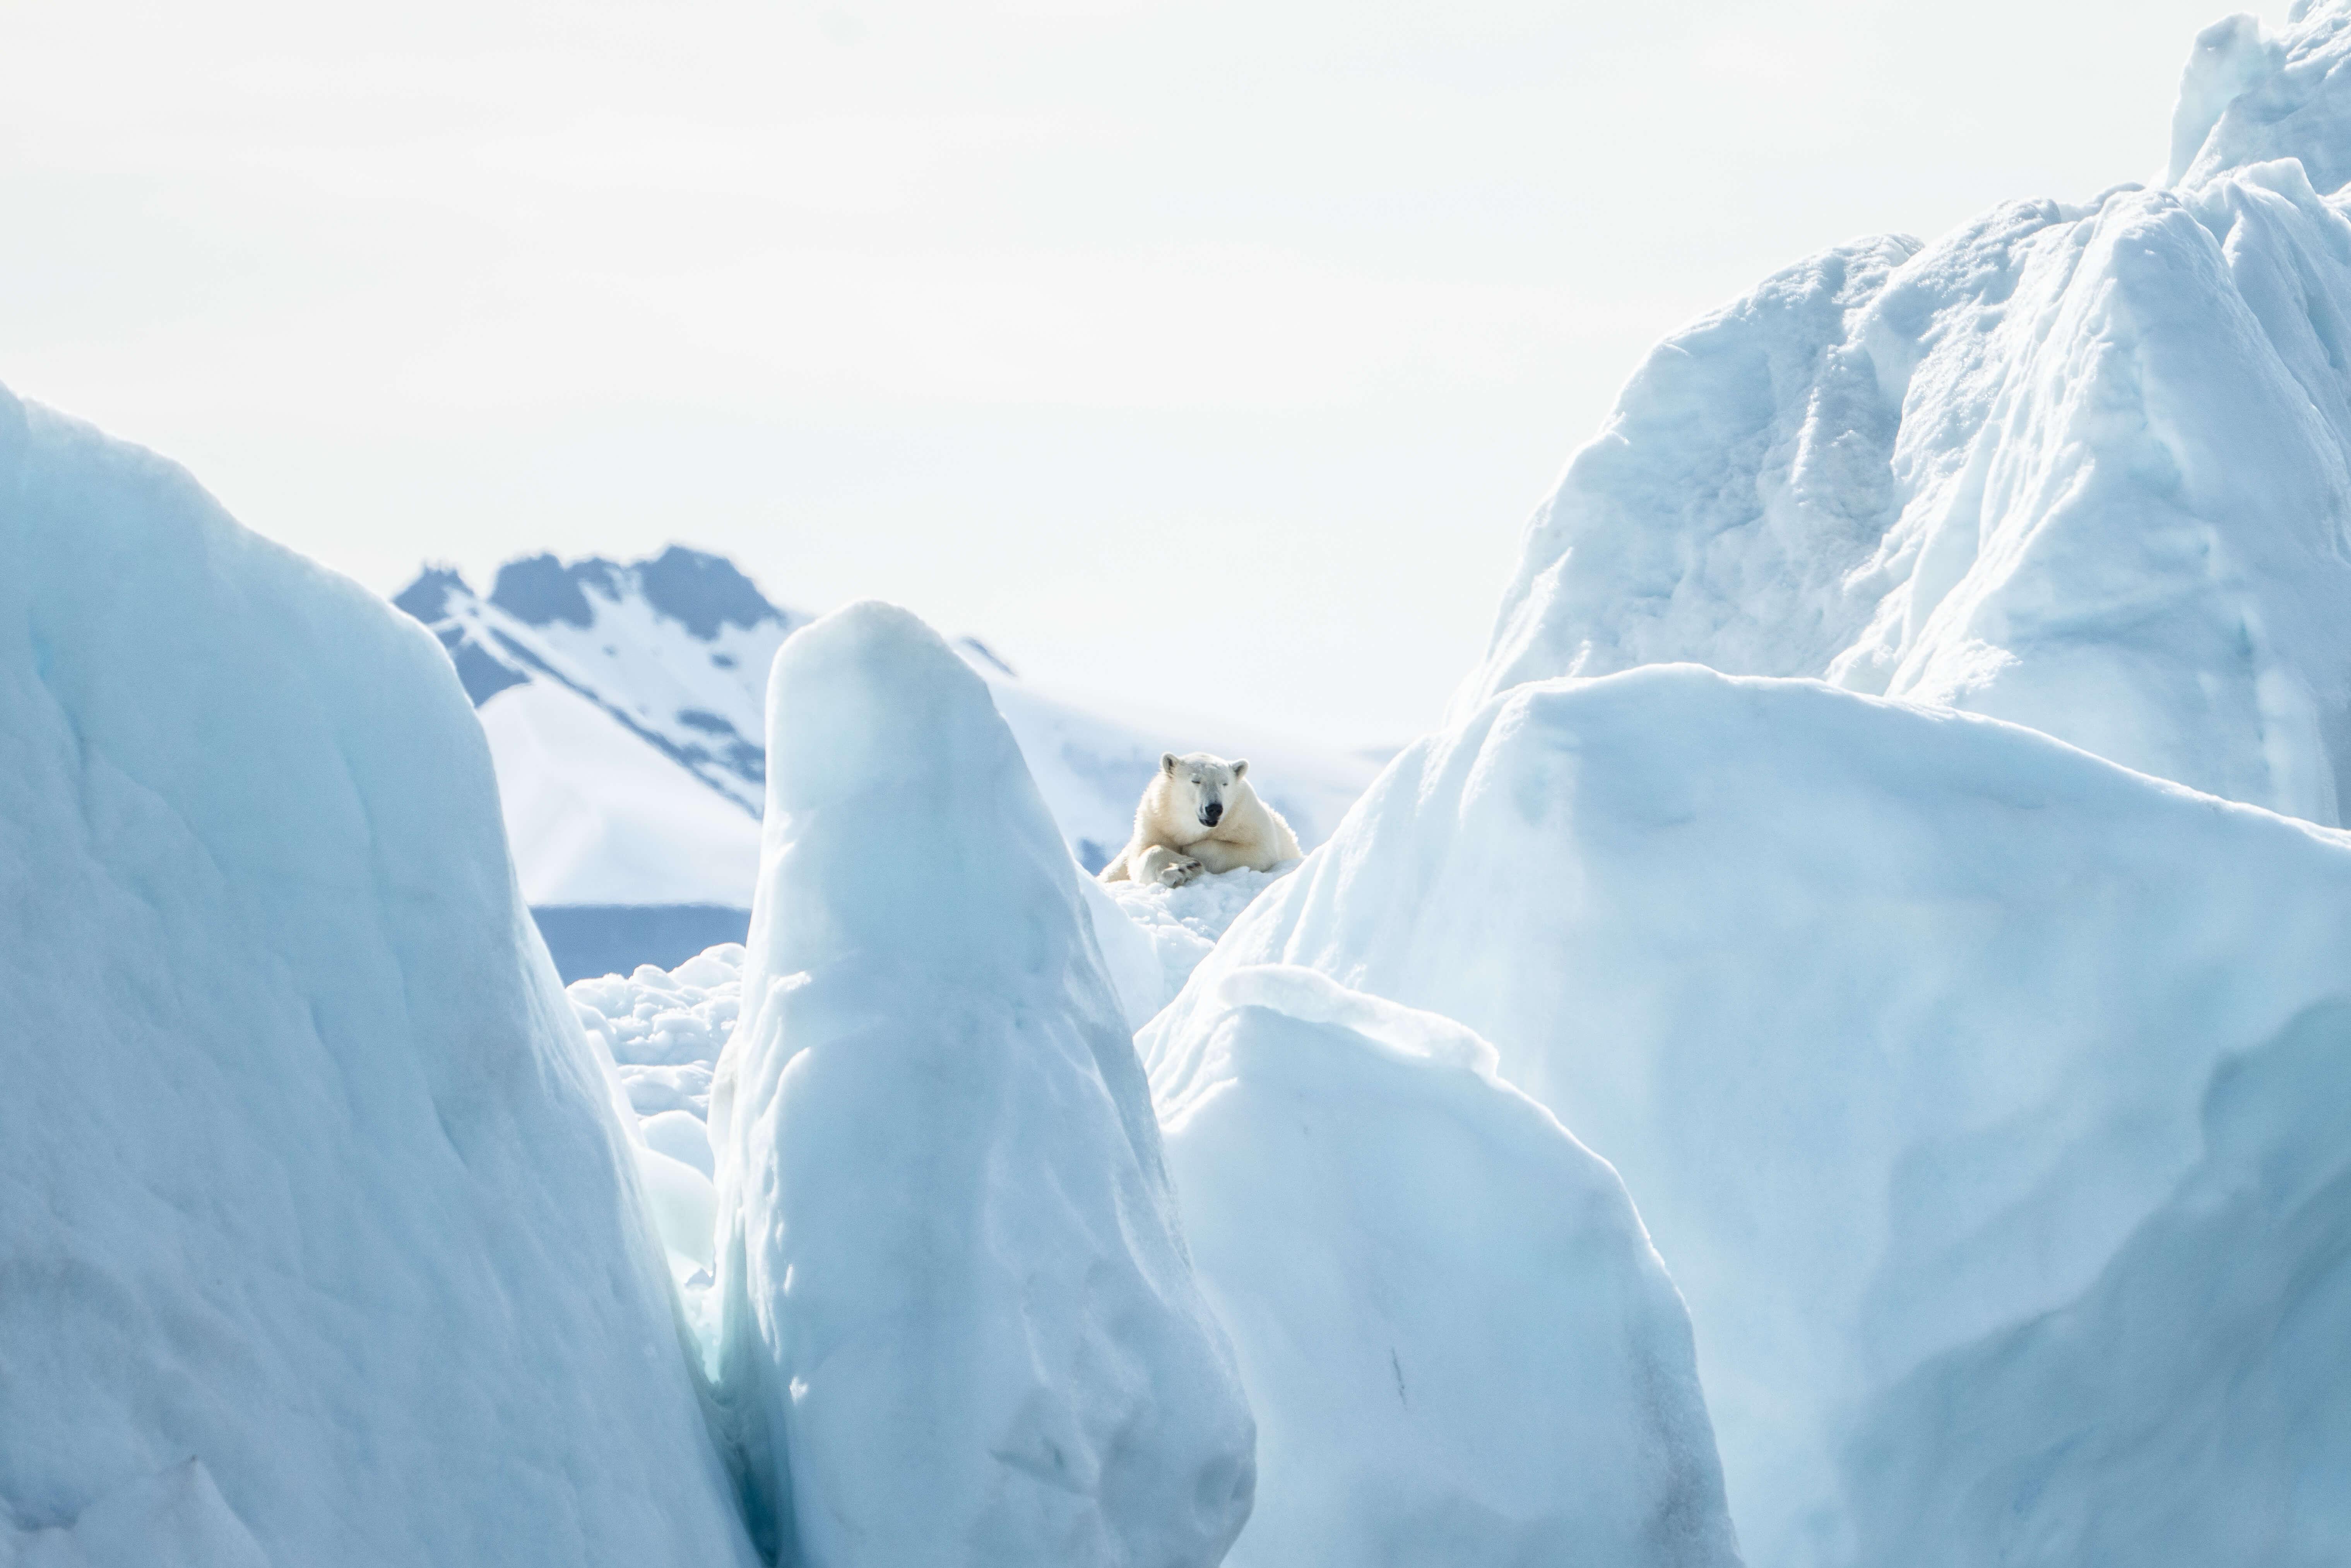 Le Zoo de Mulhouse appelle au vote pour nommer son ourson polaire : PETA propose « Tigutaaqtaq », soit « prisonnier »